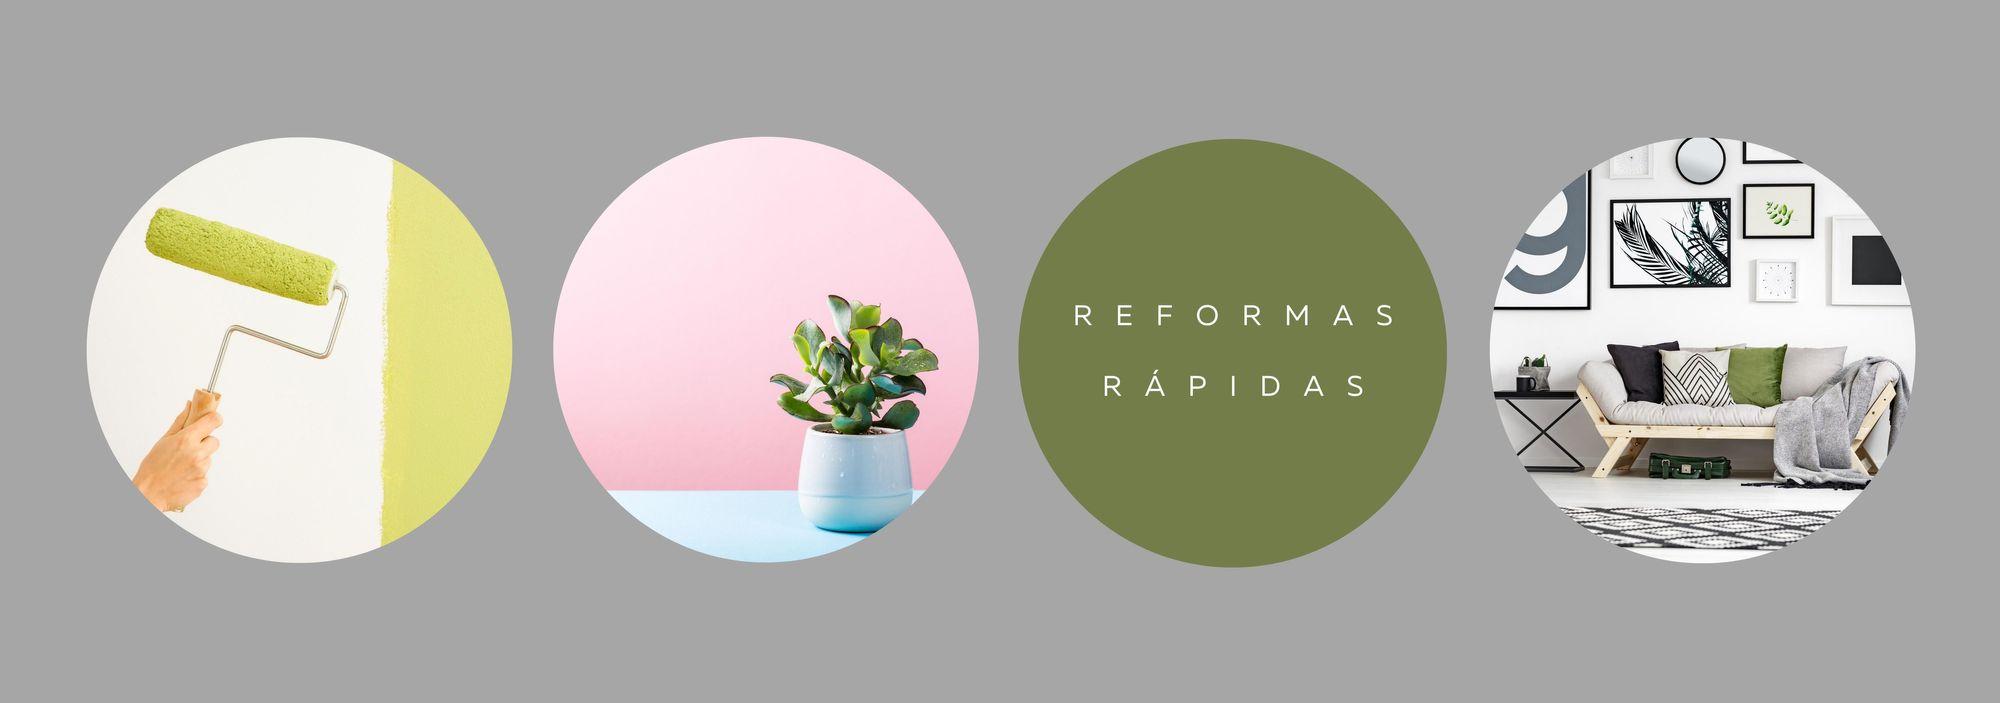 Reforma rápida